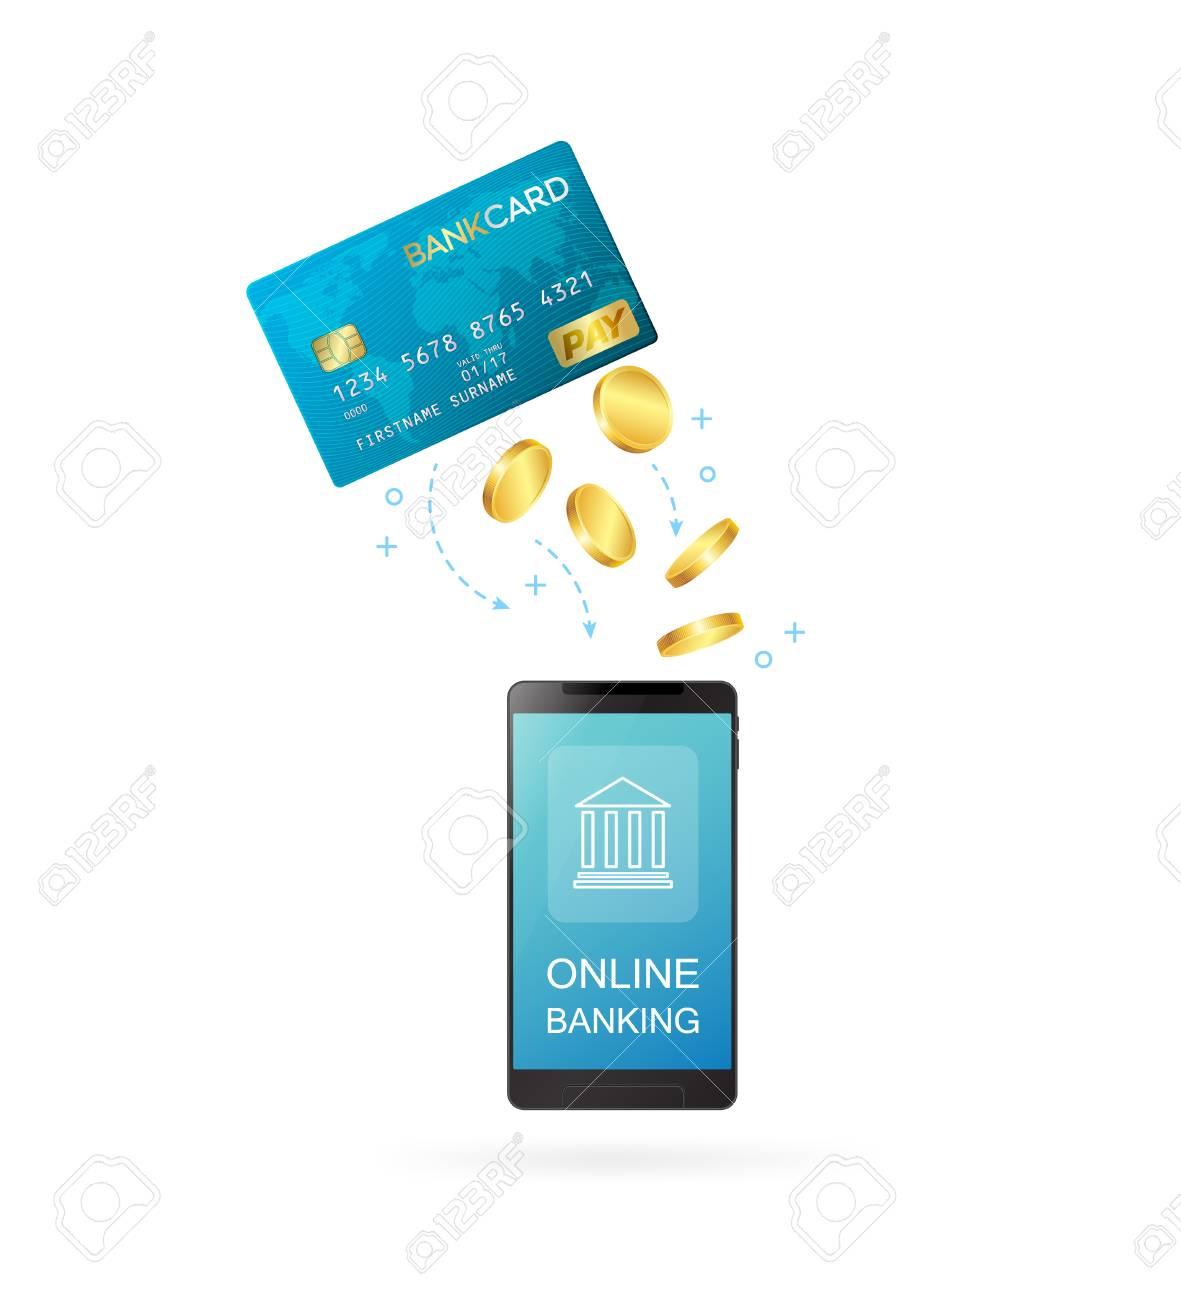 Carte Bancaire Avec Argent.Carte De Credit Avec Smartphone Transfert D Argent Ou Illustration De Vecteur Conceptuel En Ligne Bancaire